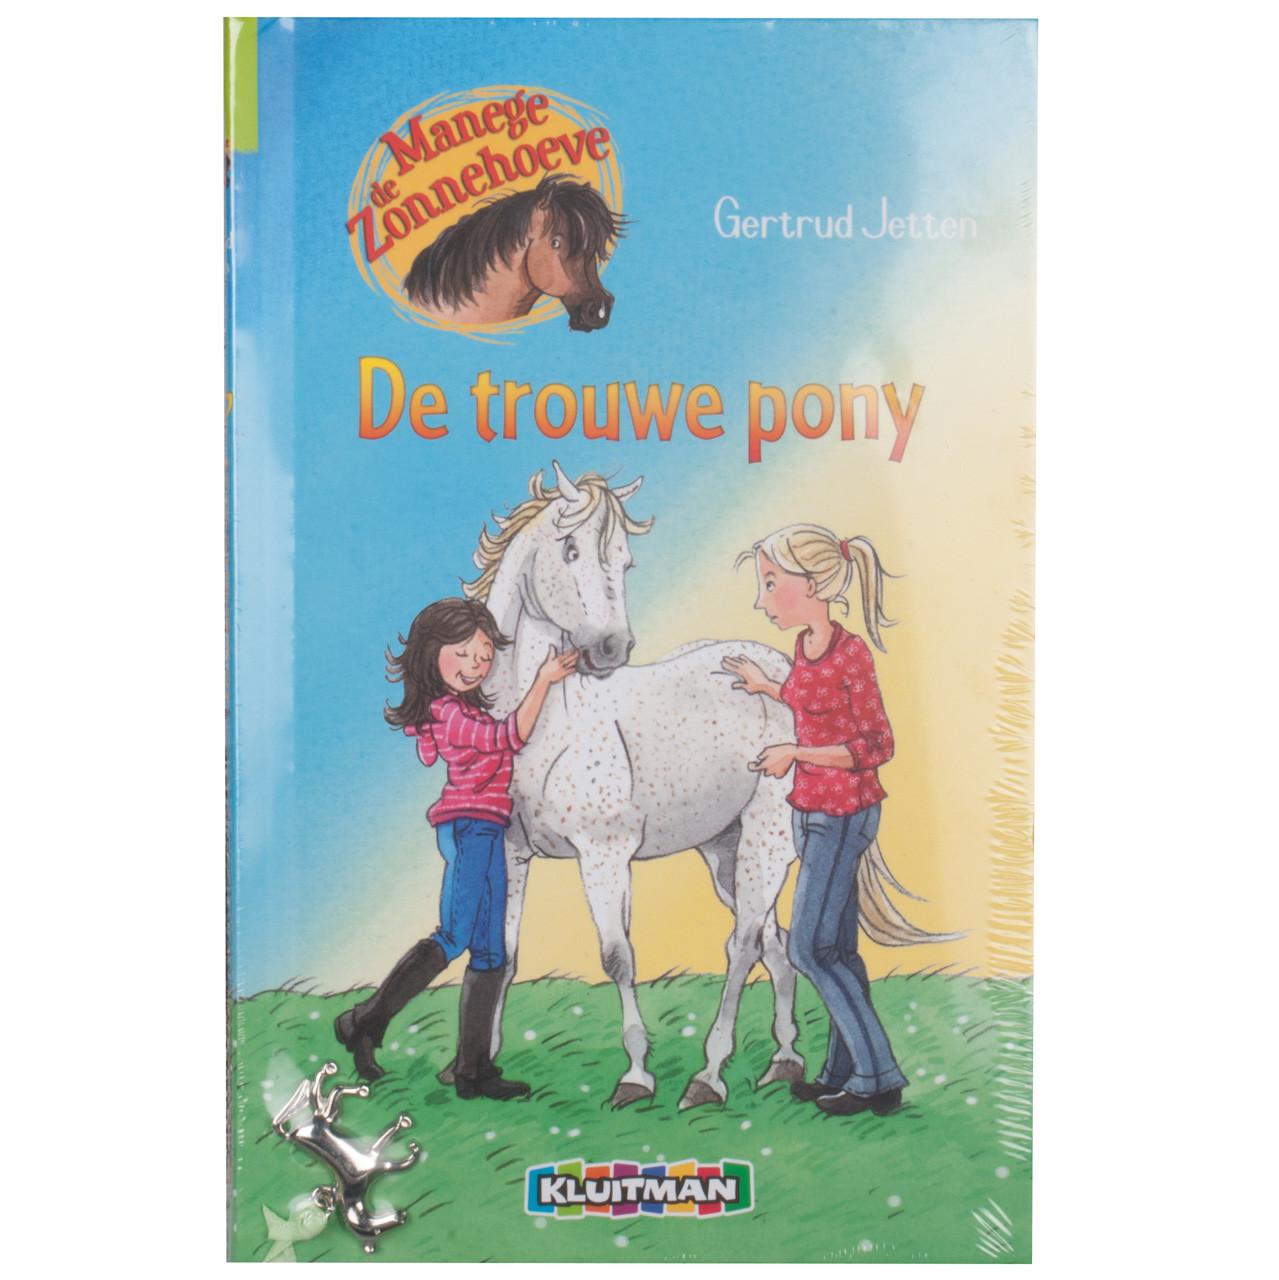 Manege de Zonnehoeve, De trouwe pony